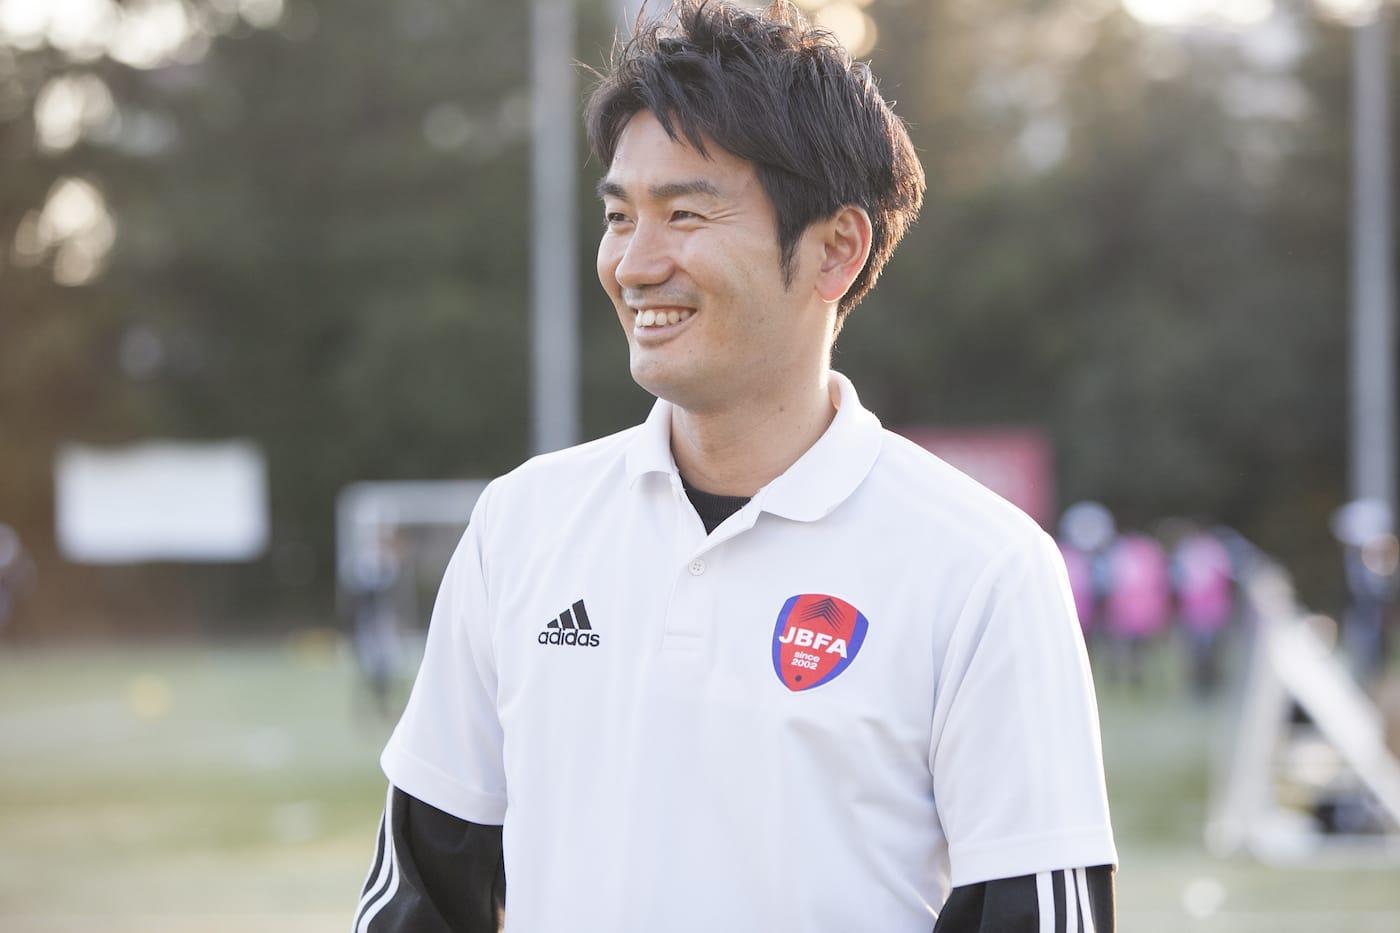 インタビューに応える日本ブラインドサッカー協会の山本事業戦略部長